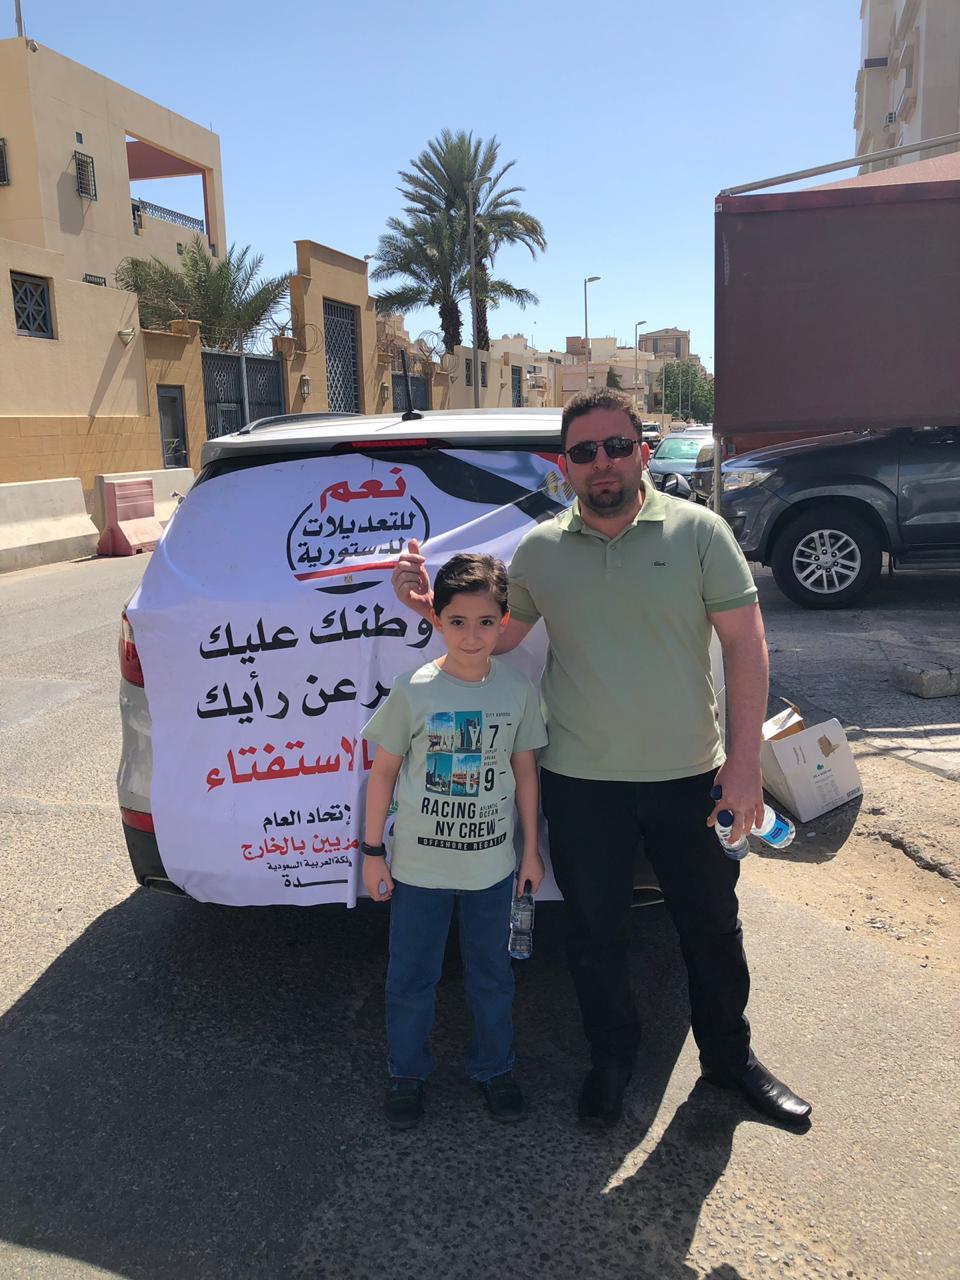 احمد داود من امام القنصلية بجده المملكة العربية السعودية